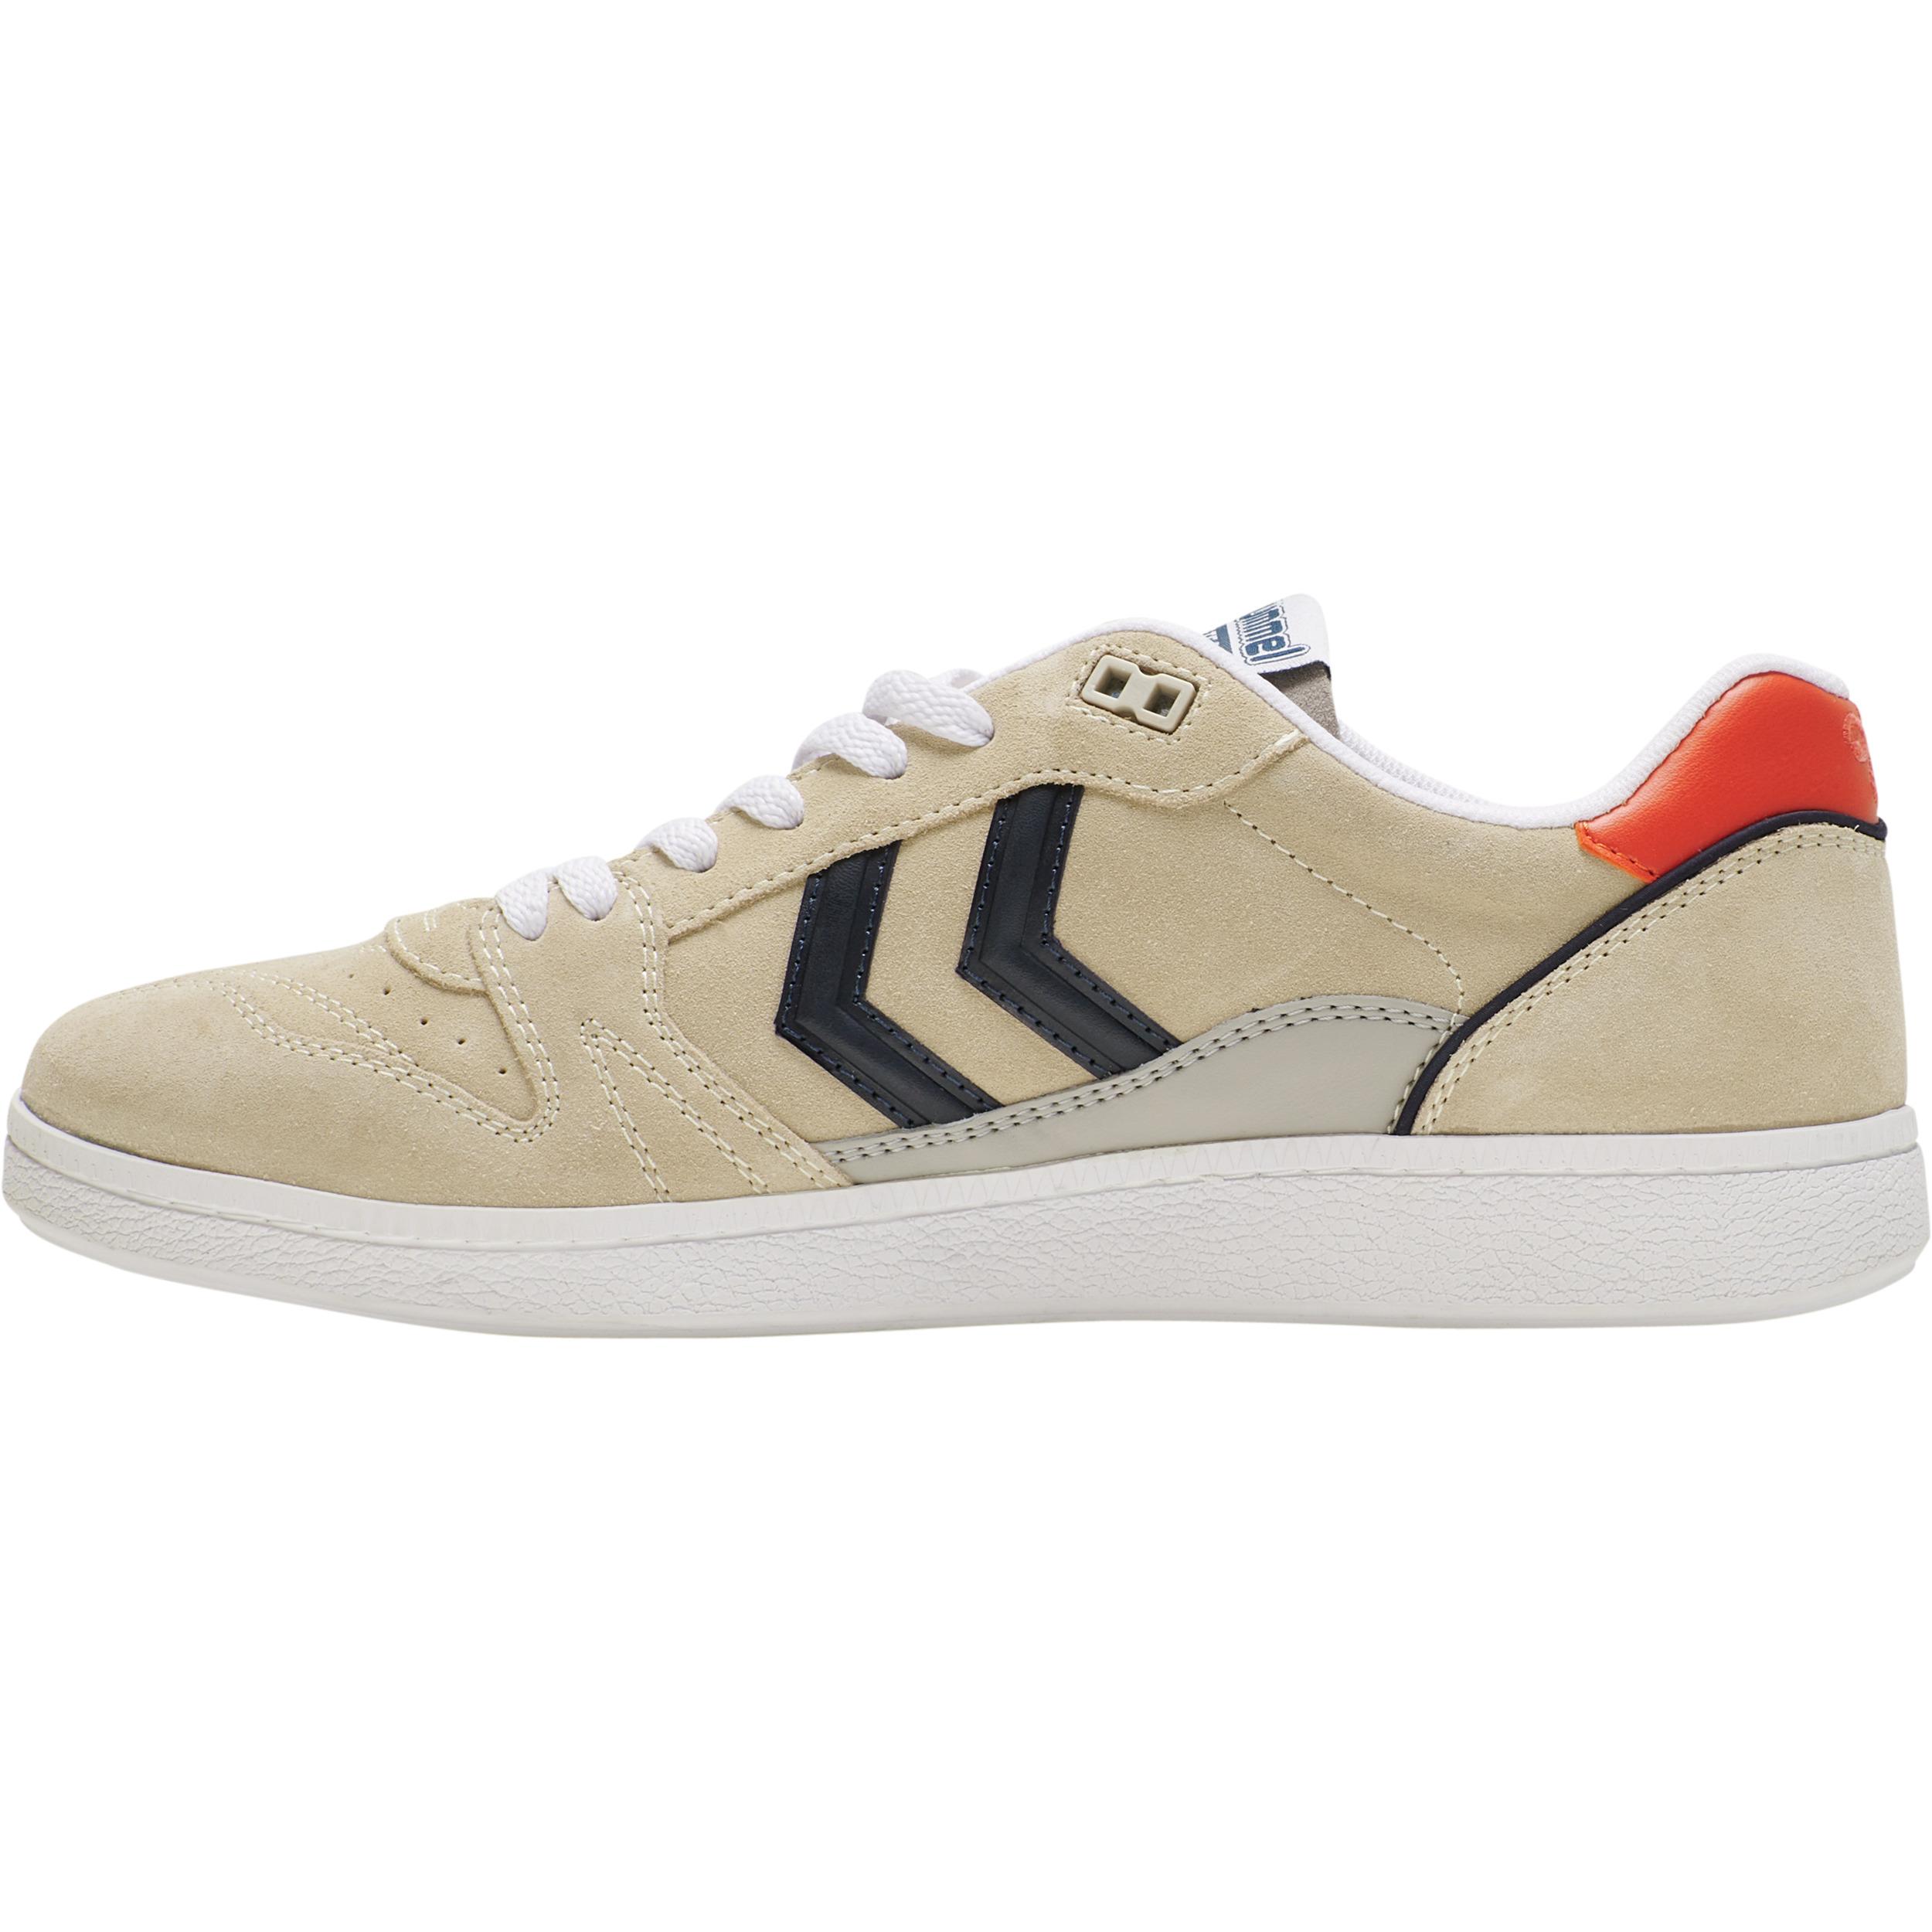 Hummel HB Team Suede sneakers